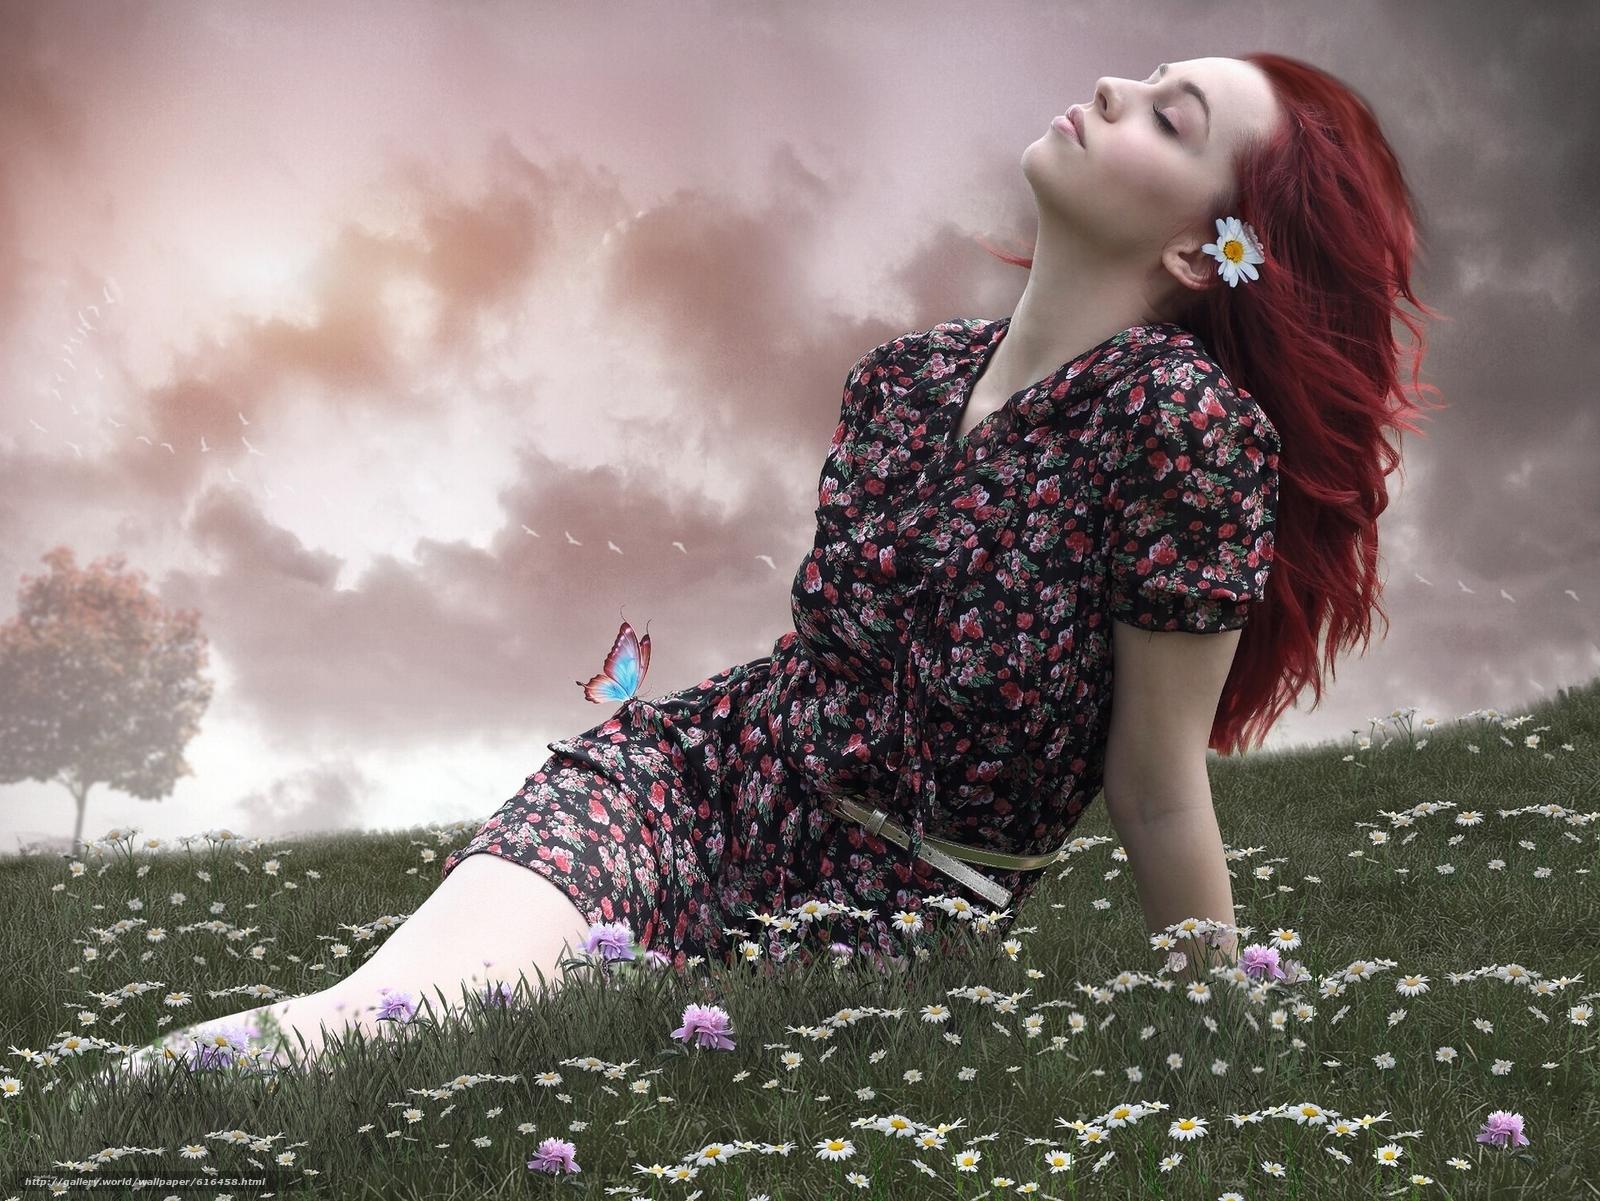 Скачать обои девушка,  настроение,  луг,  цветы бесплатно для рабочего стола в разрешении 1920x1441 — картинка №616458